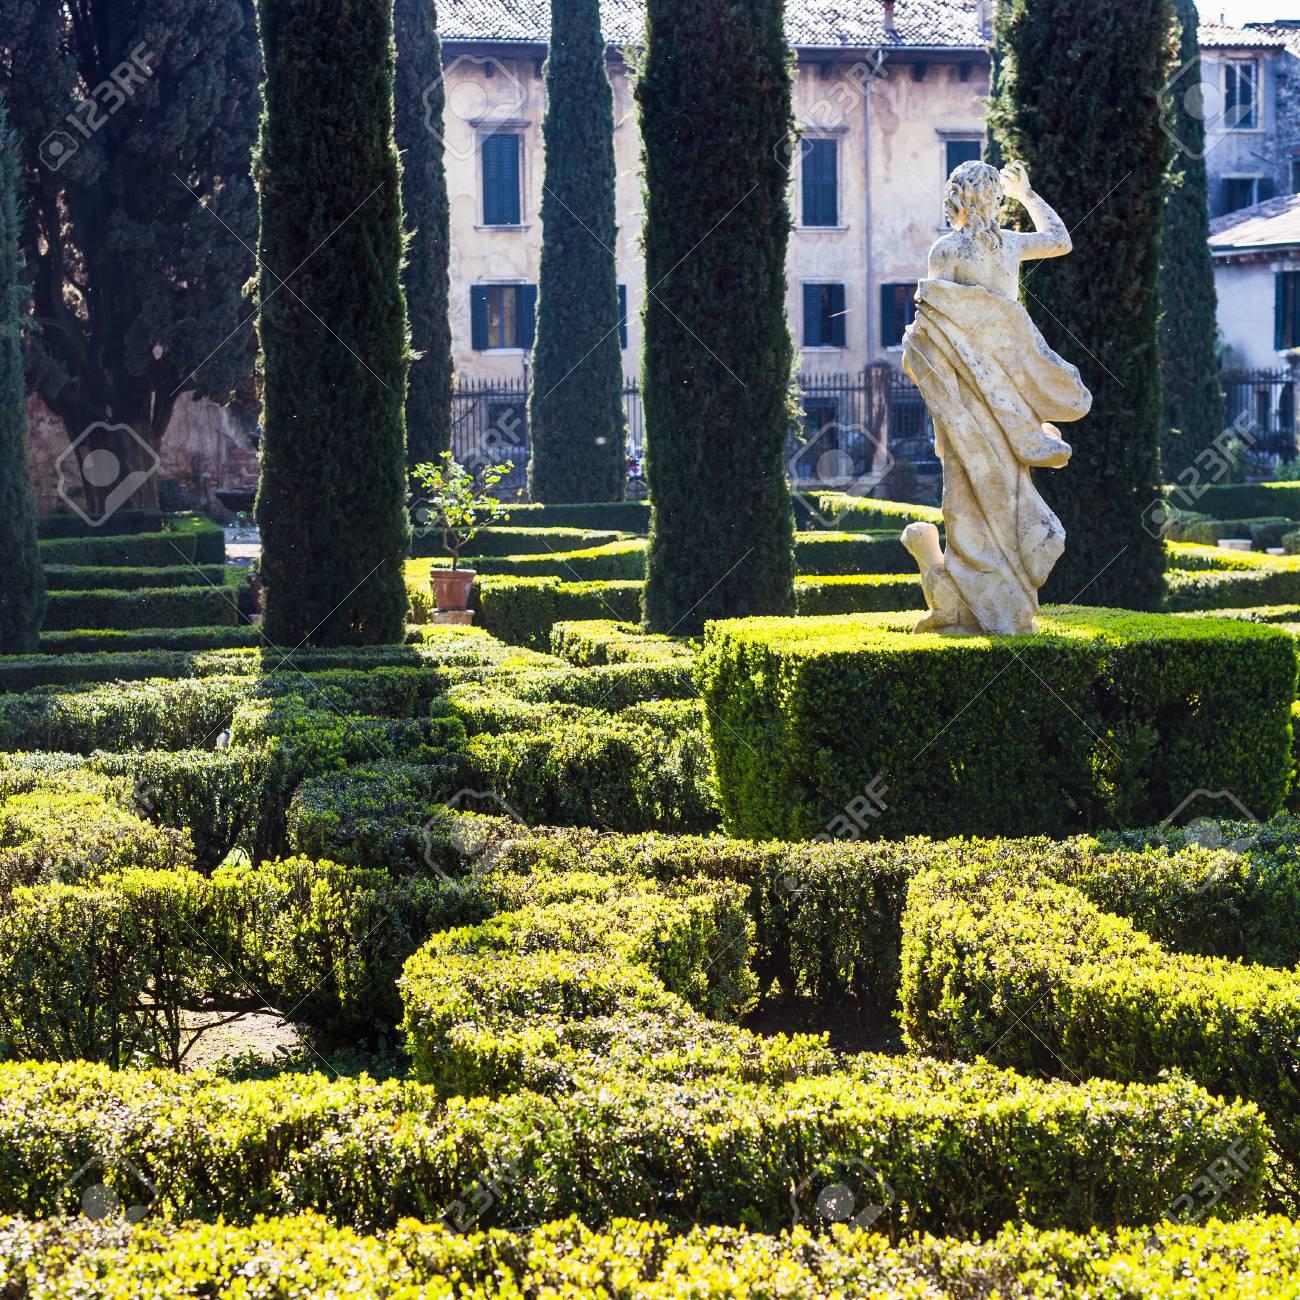 Architetto Di Giardini verona, italia - 27 marzo 2017 - architettura del paesaggio del giardino di  giusti nella città di verona in primavera. il giardino giusti è il